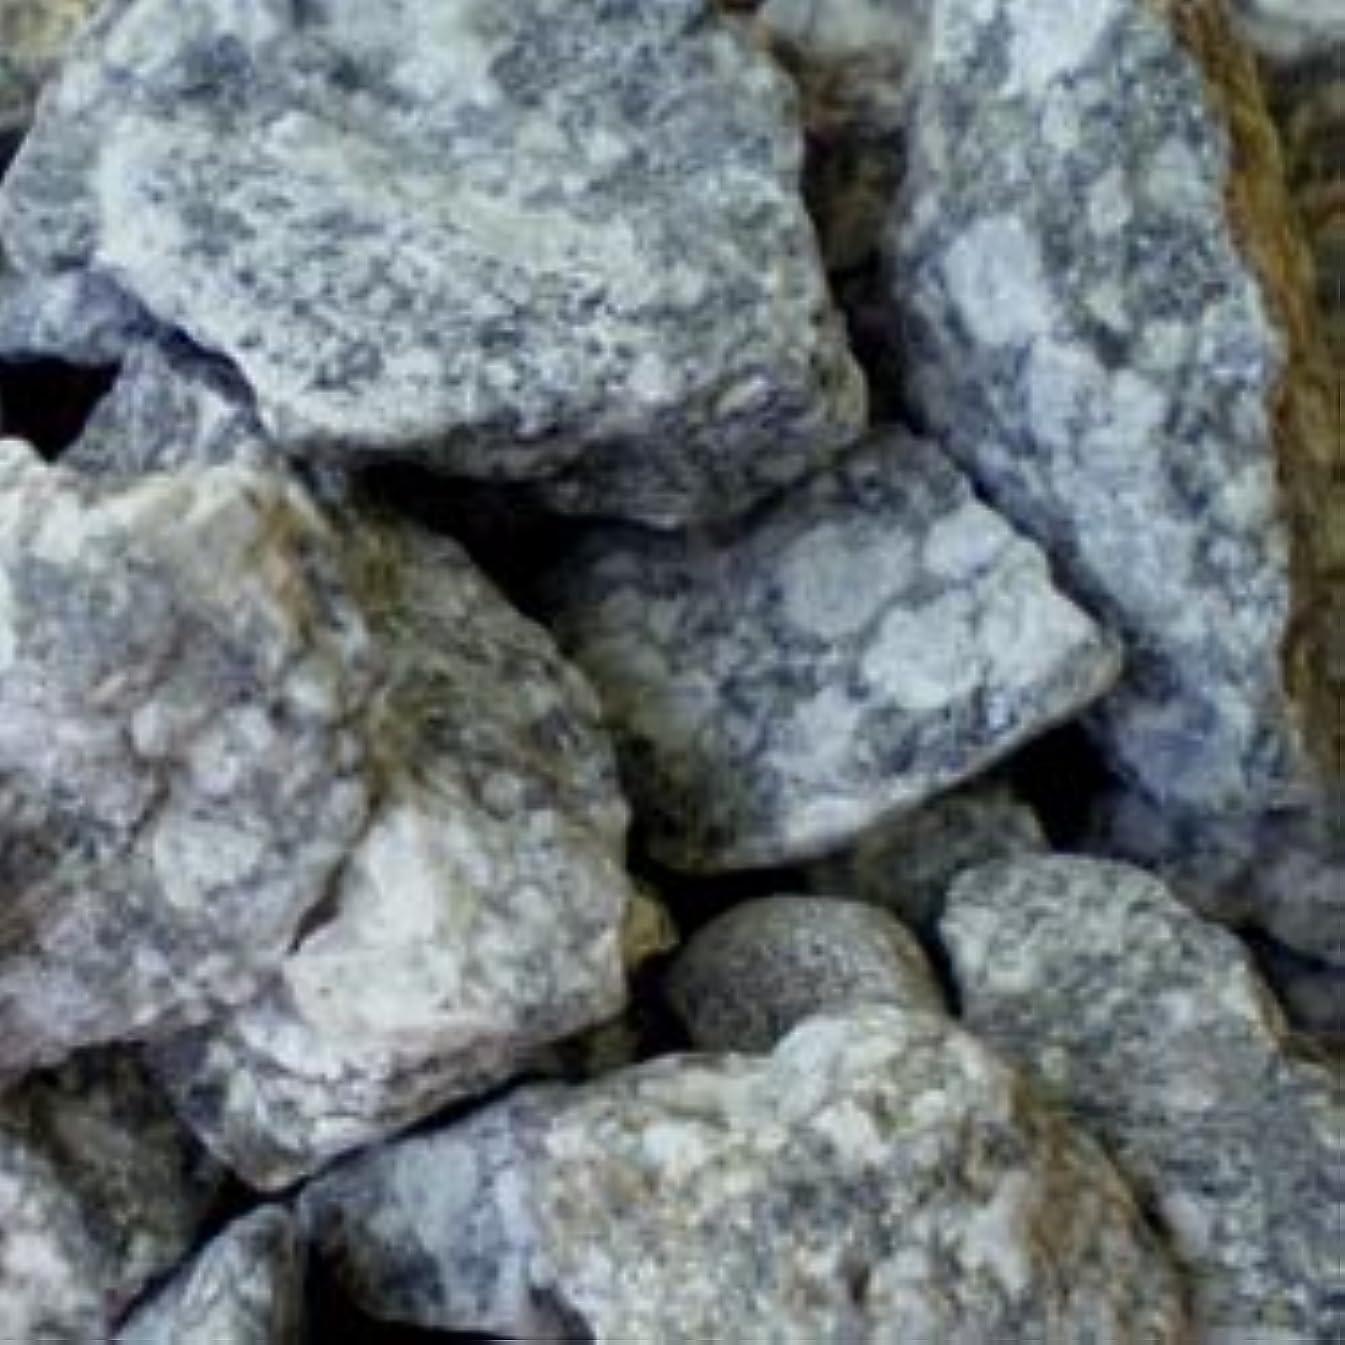 温室多数の分散麦飯石 原石 5000g(サイズ10-30mm) (5袋セット) (5袋)